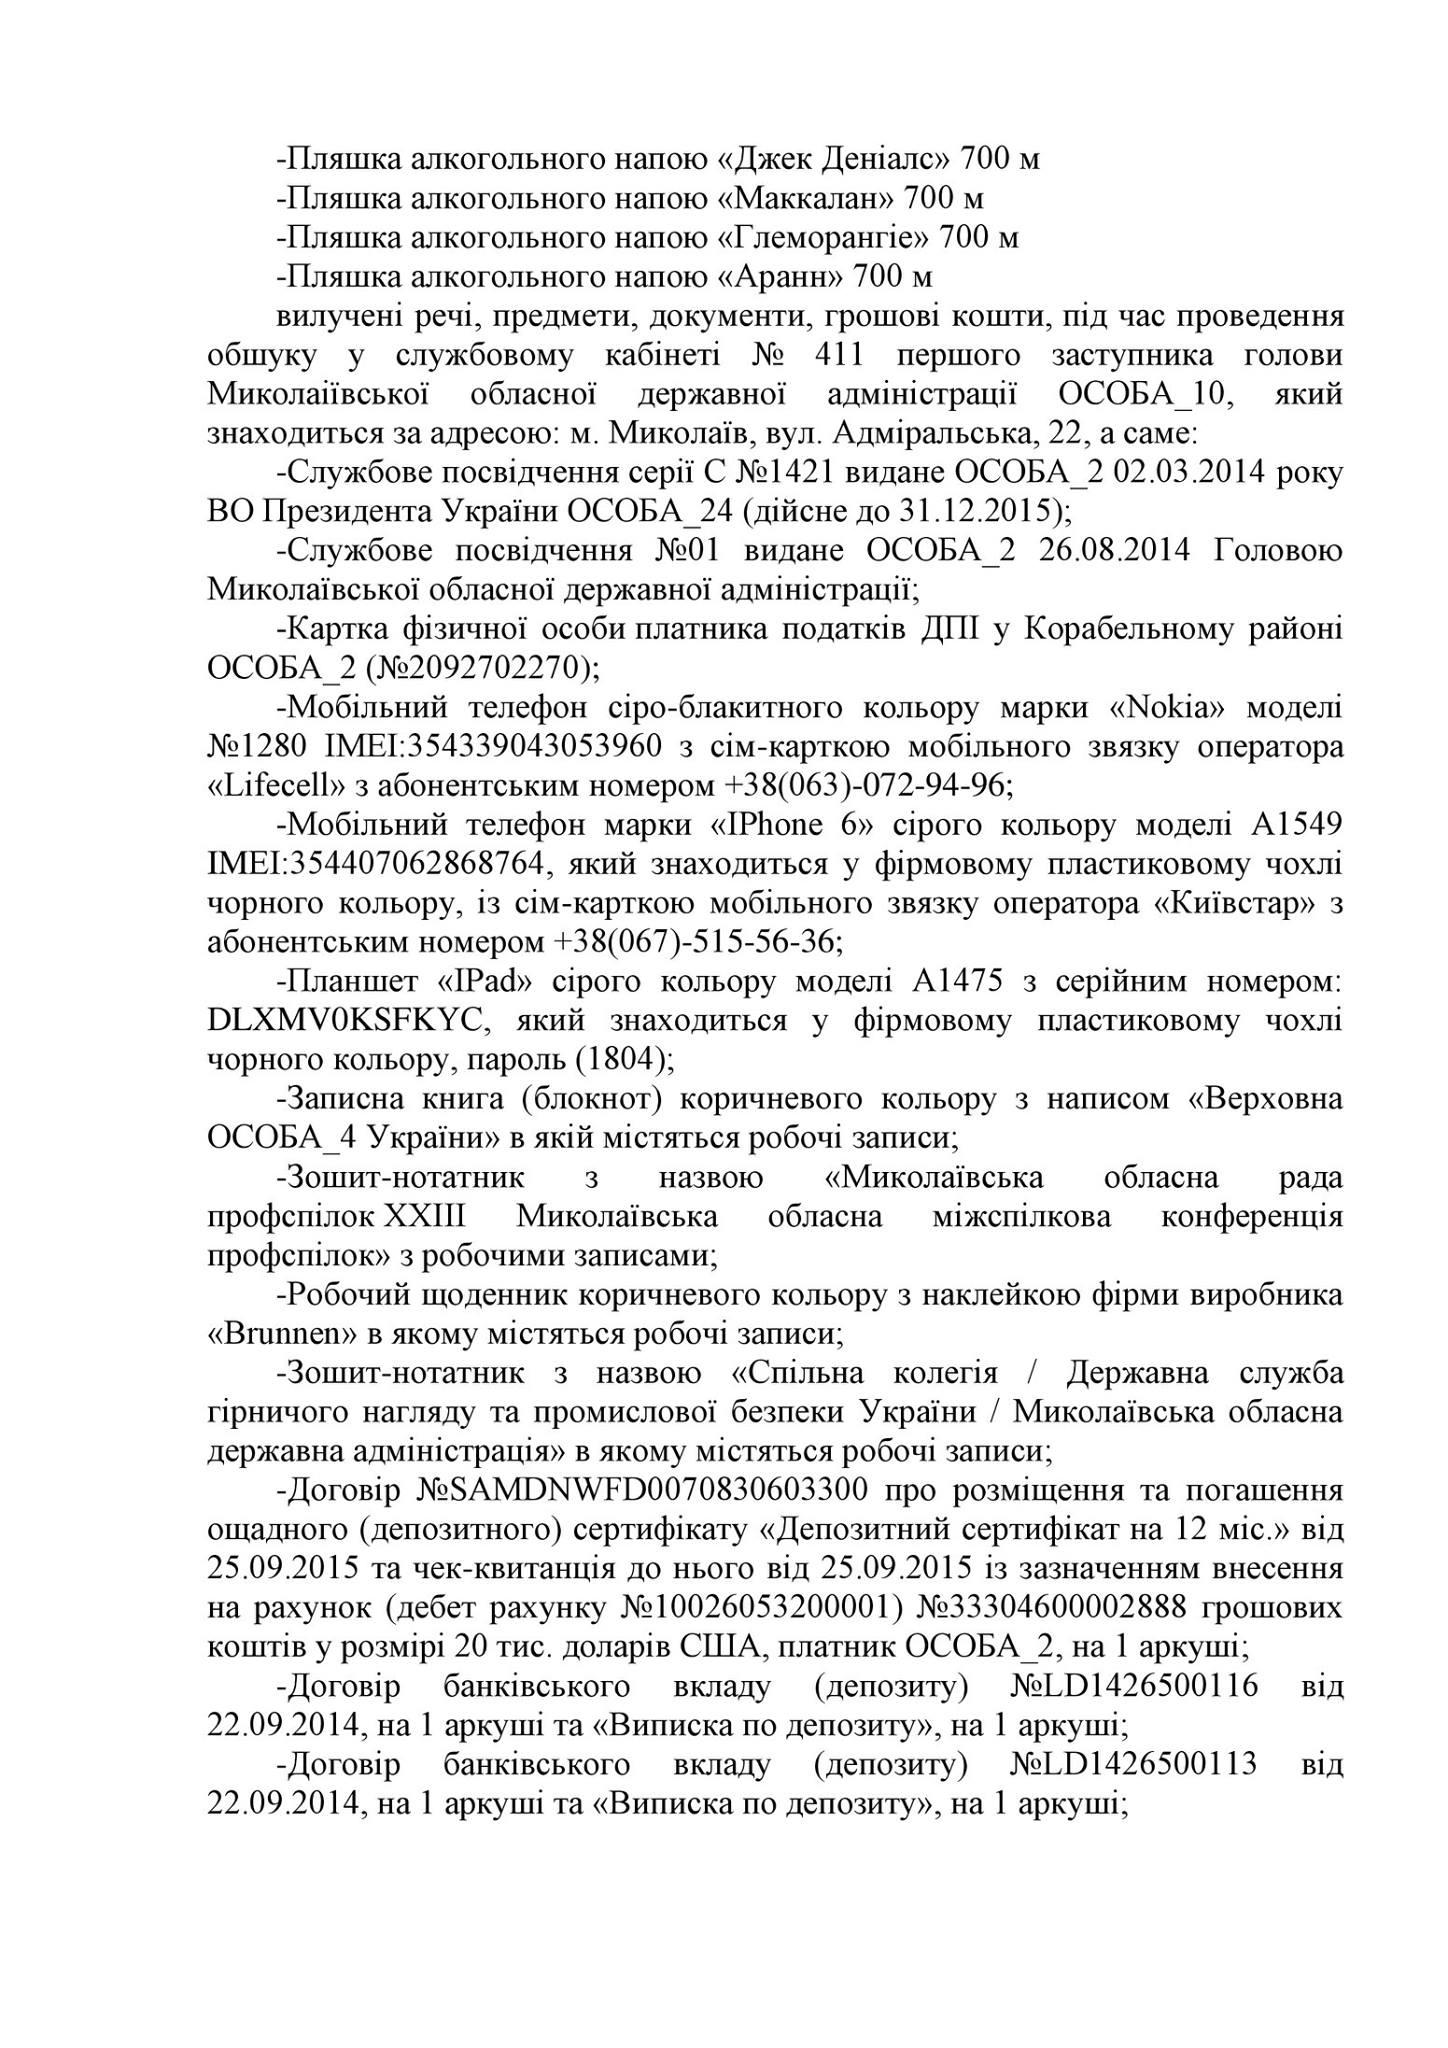 """Повний список скарбів миколаївського """"Аладдіна"""", вилучених військовою прокуратурою - фото 7"""